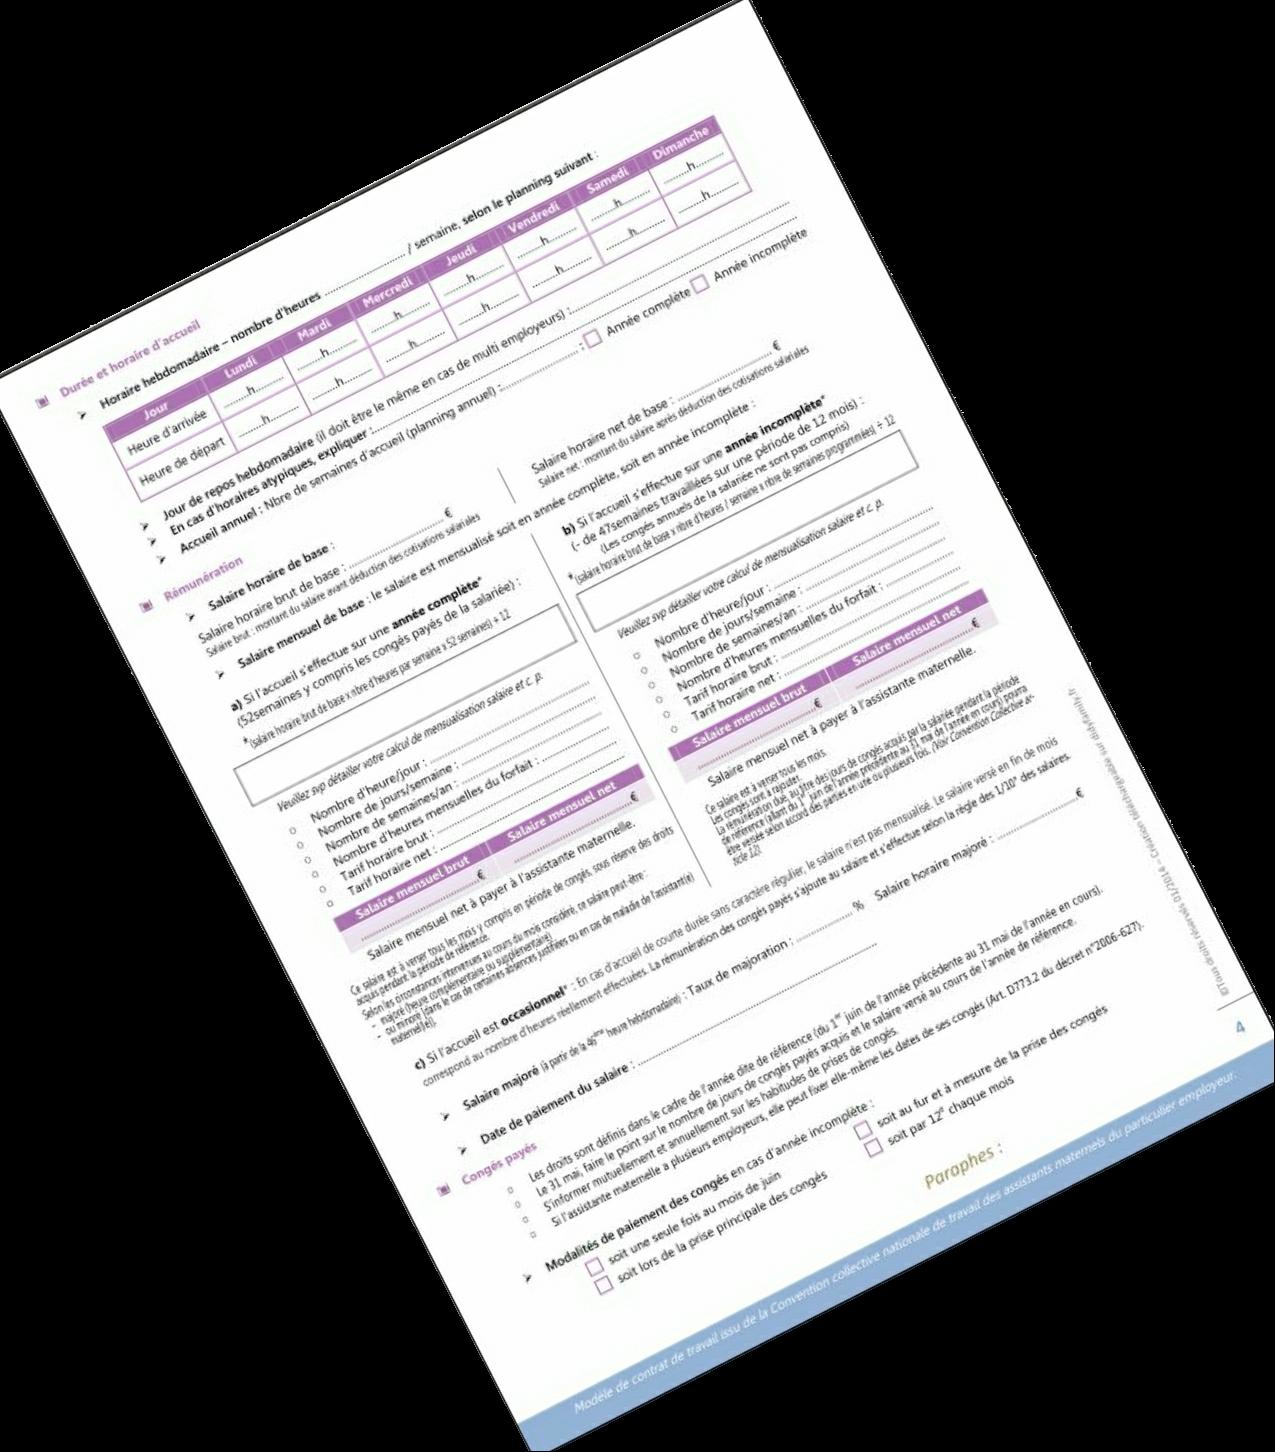 Contrat de travail - Page 4